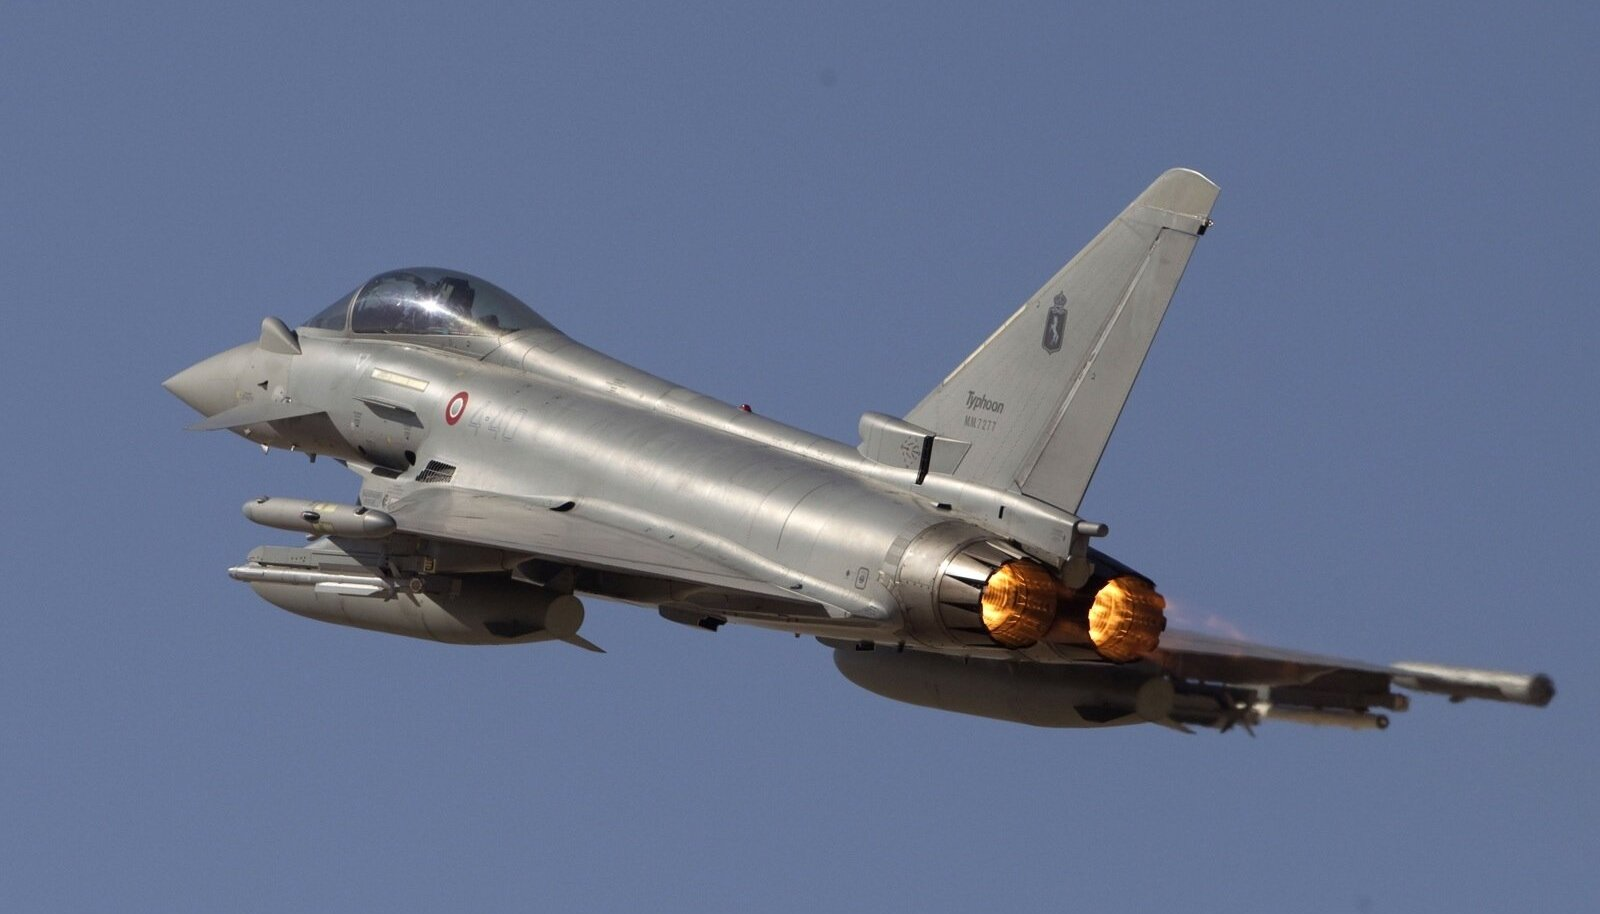 Hävitaja Eurofighter Typhoon 2000